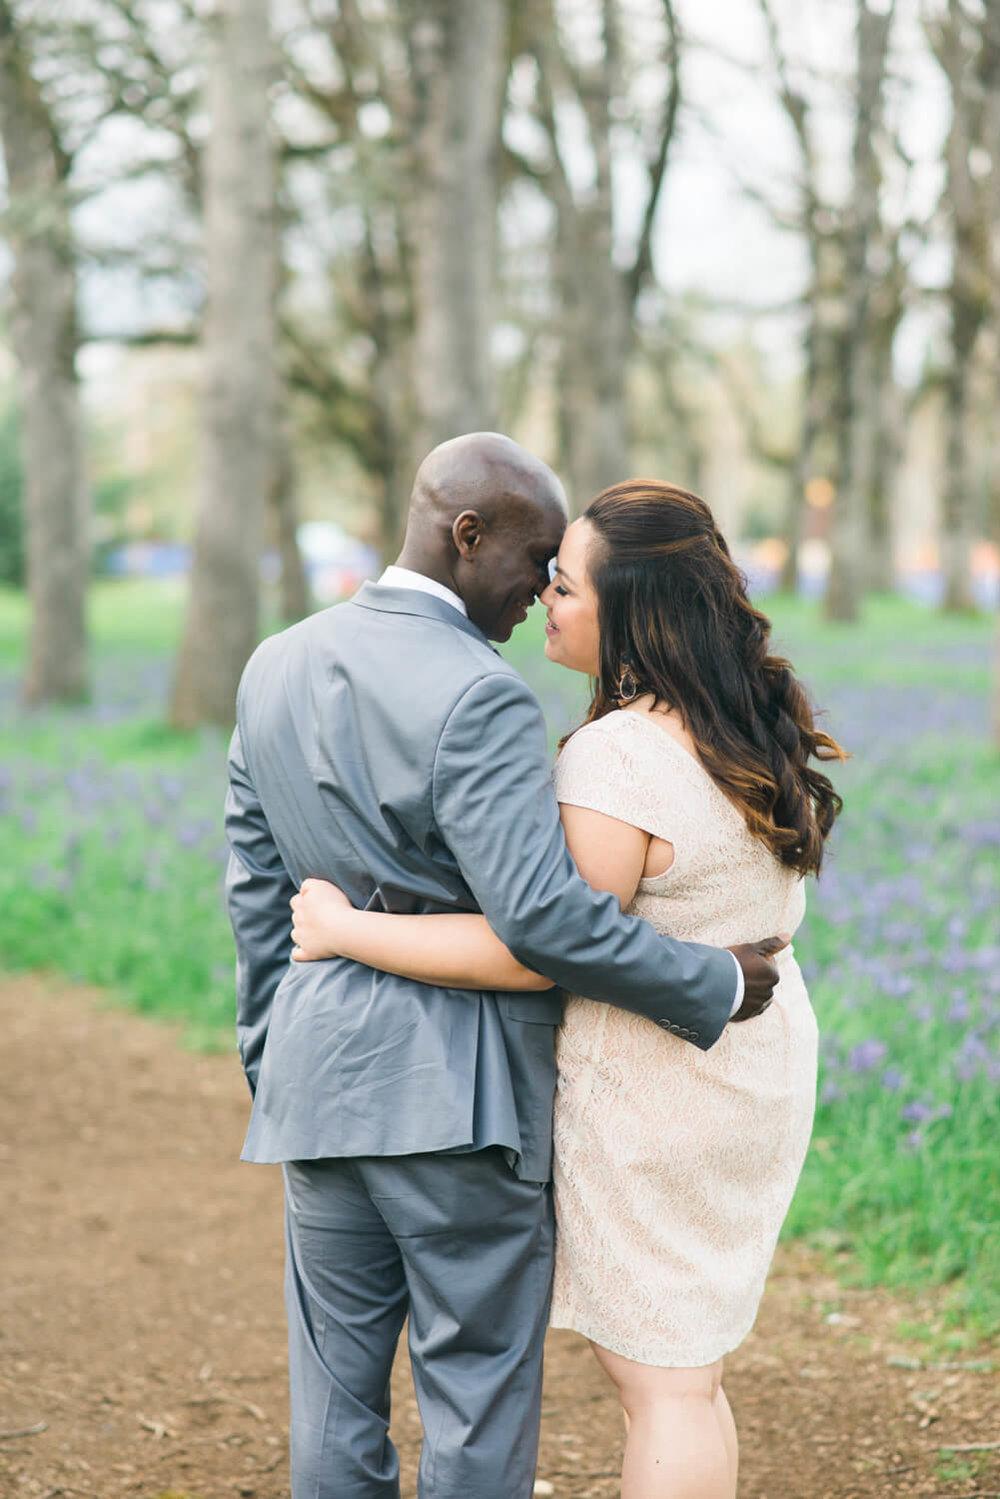 salem-engagement-photography-bushs-pasture-park-shelley-marie-photo-0206.jpg